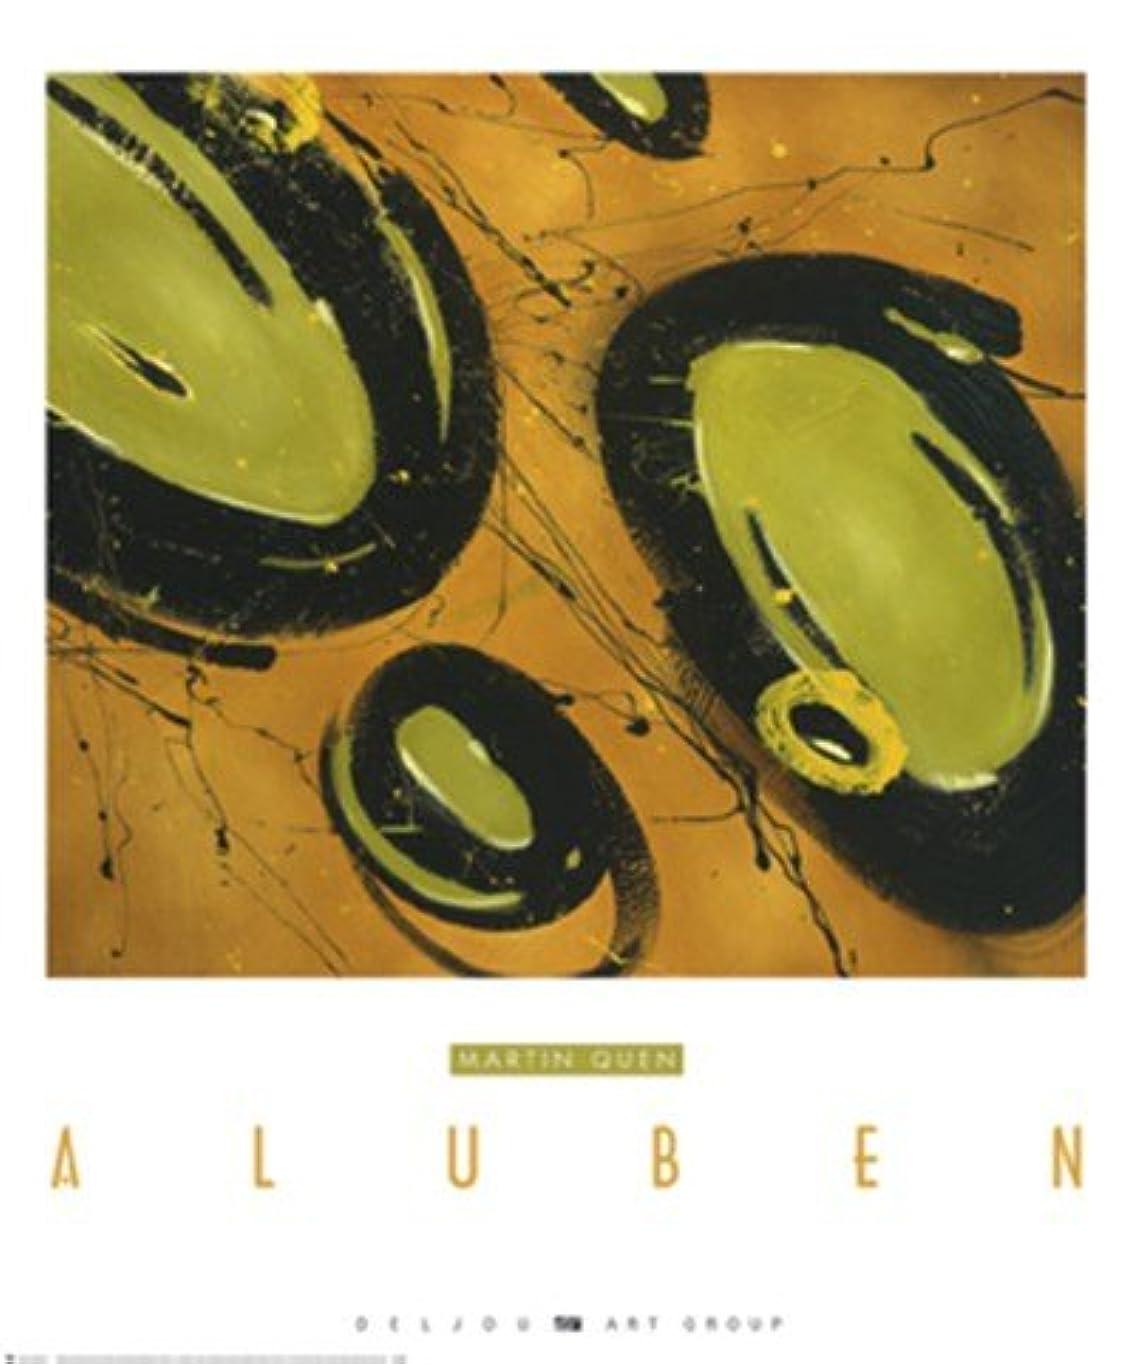 食い違い困難言い聞かせるAluben by Martin Quen – 38 x 45インチ – アートプリントポスター